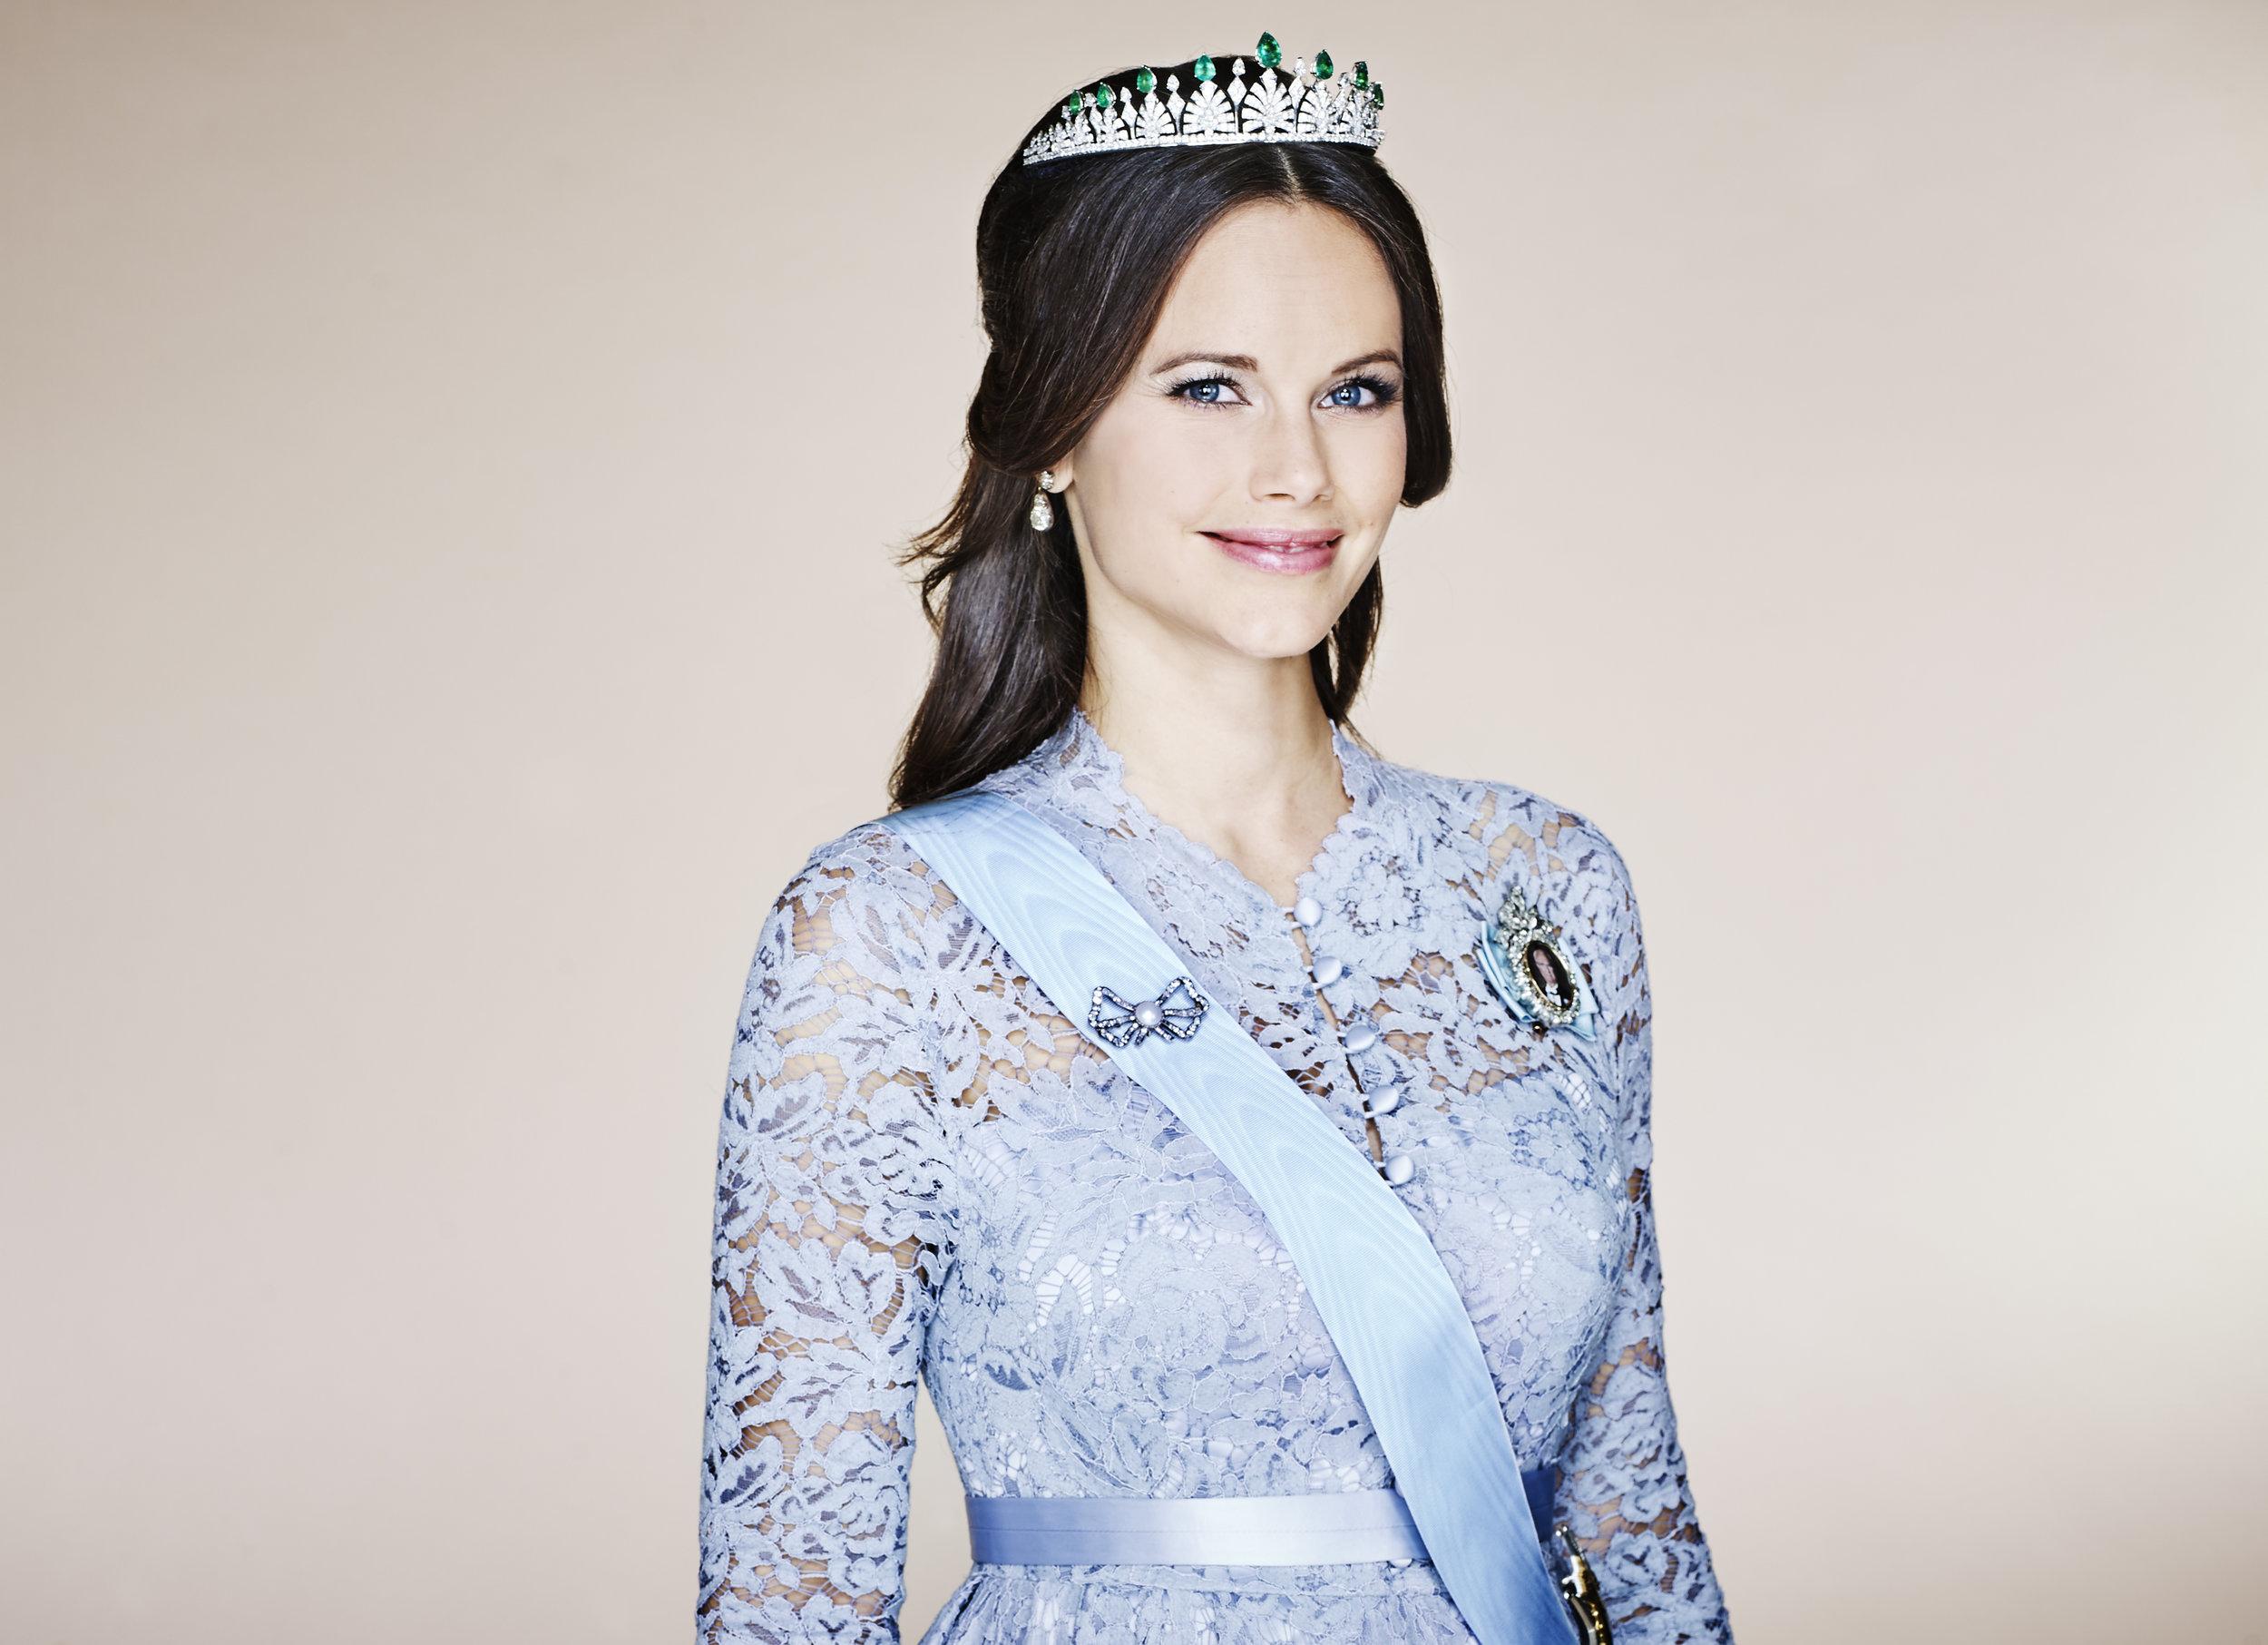 Prinzessin Sofia ist ein Fan der asiatischen Küche.  Foto: Anna-Lena Ahlström, Kungahuset.se